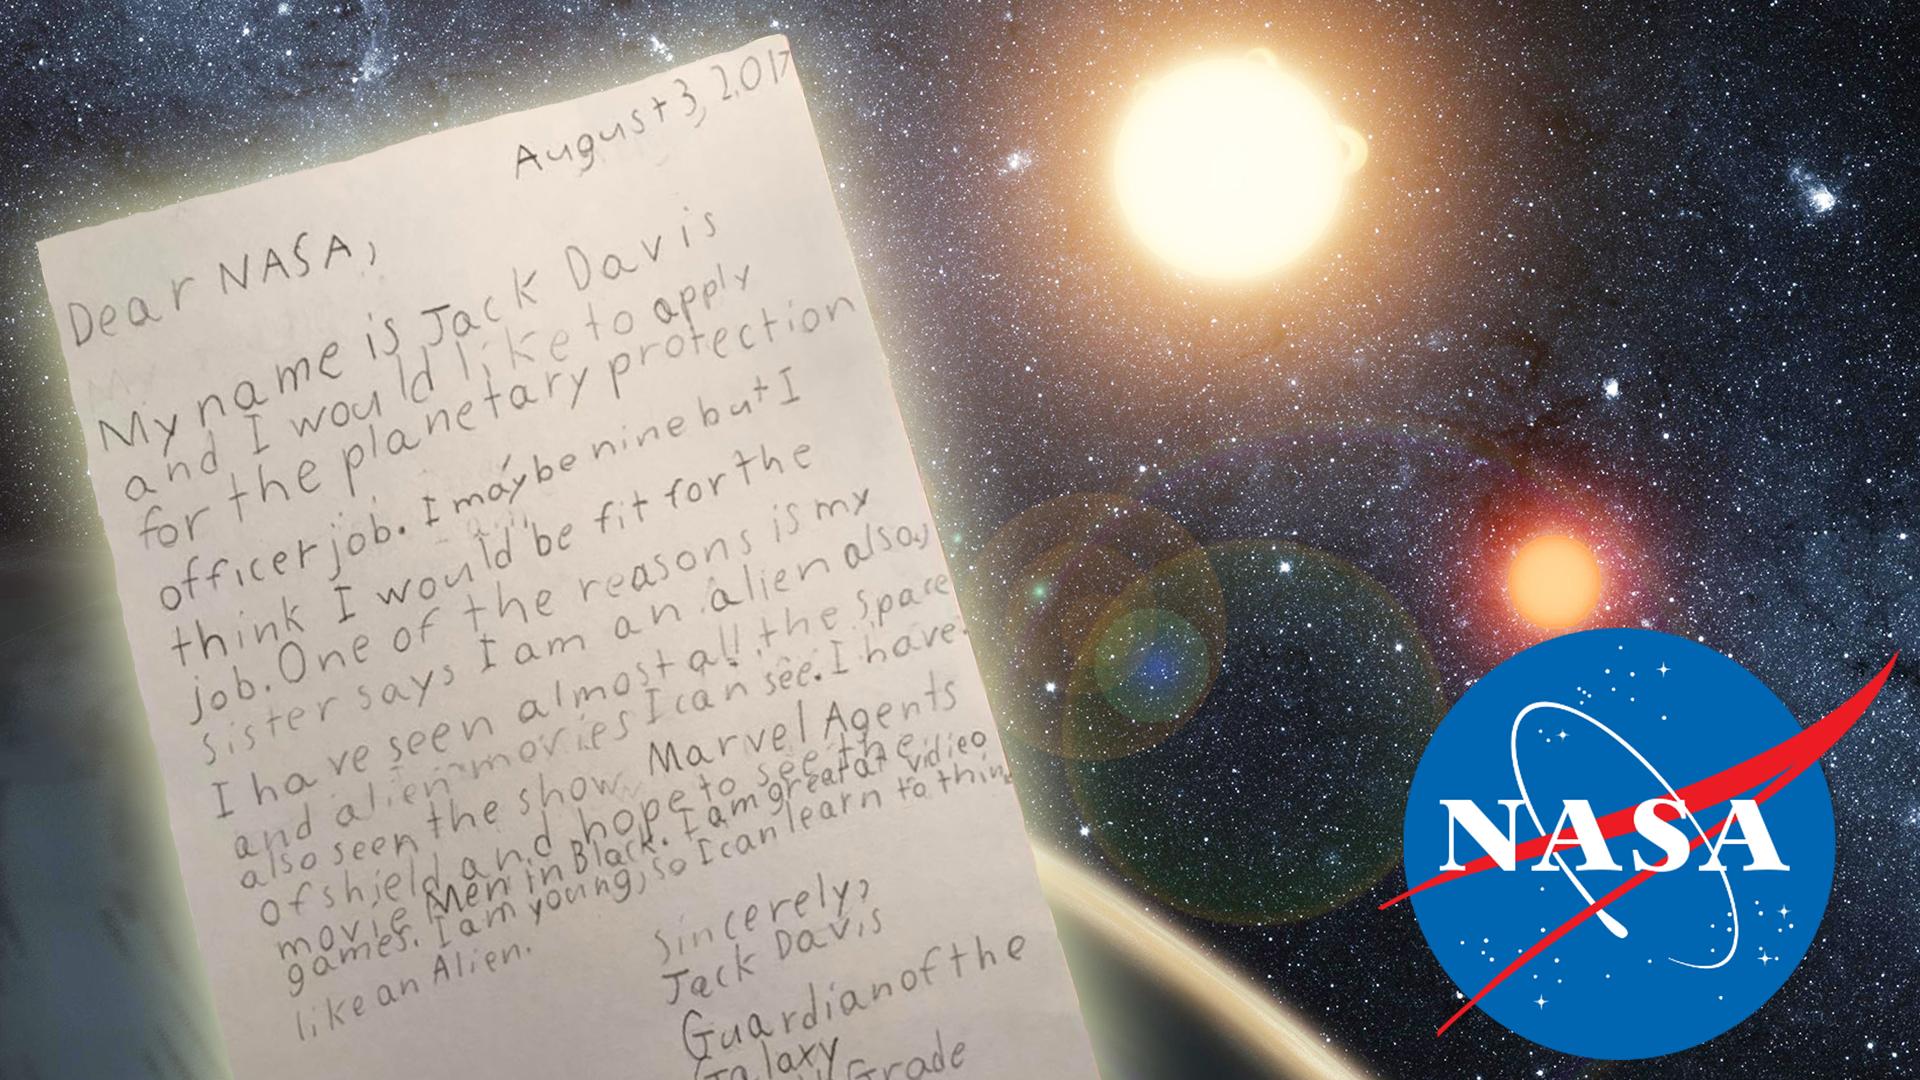 9 year old guardian of the galaxy wants a job at nasa todaycom - Astronomy Jobs At Nasa